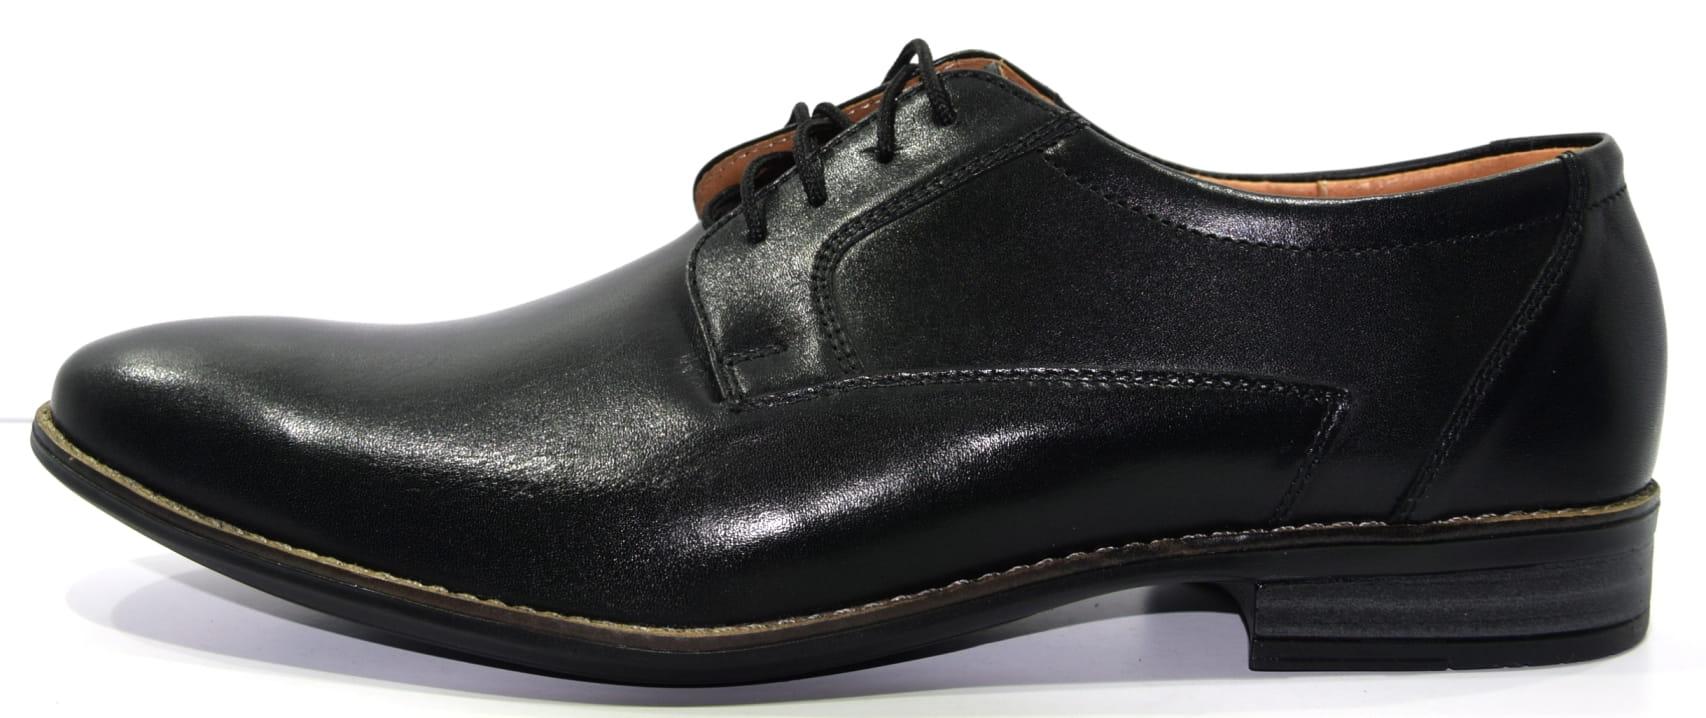 5b92c0a7 Obuwie męskie półbut buty skórzane polskie Moskała czarny rustik 880.  DSC_0041.JPG. DSC_0041.